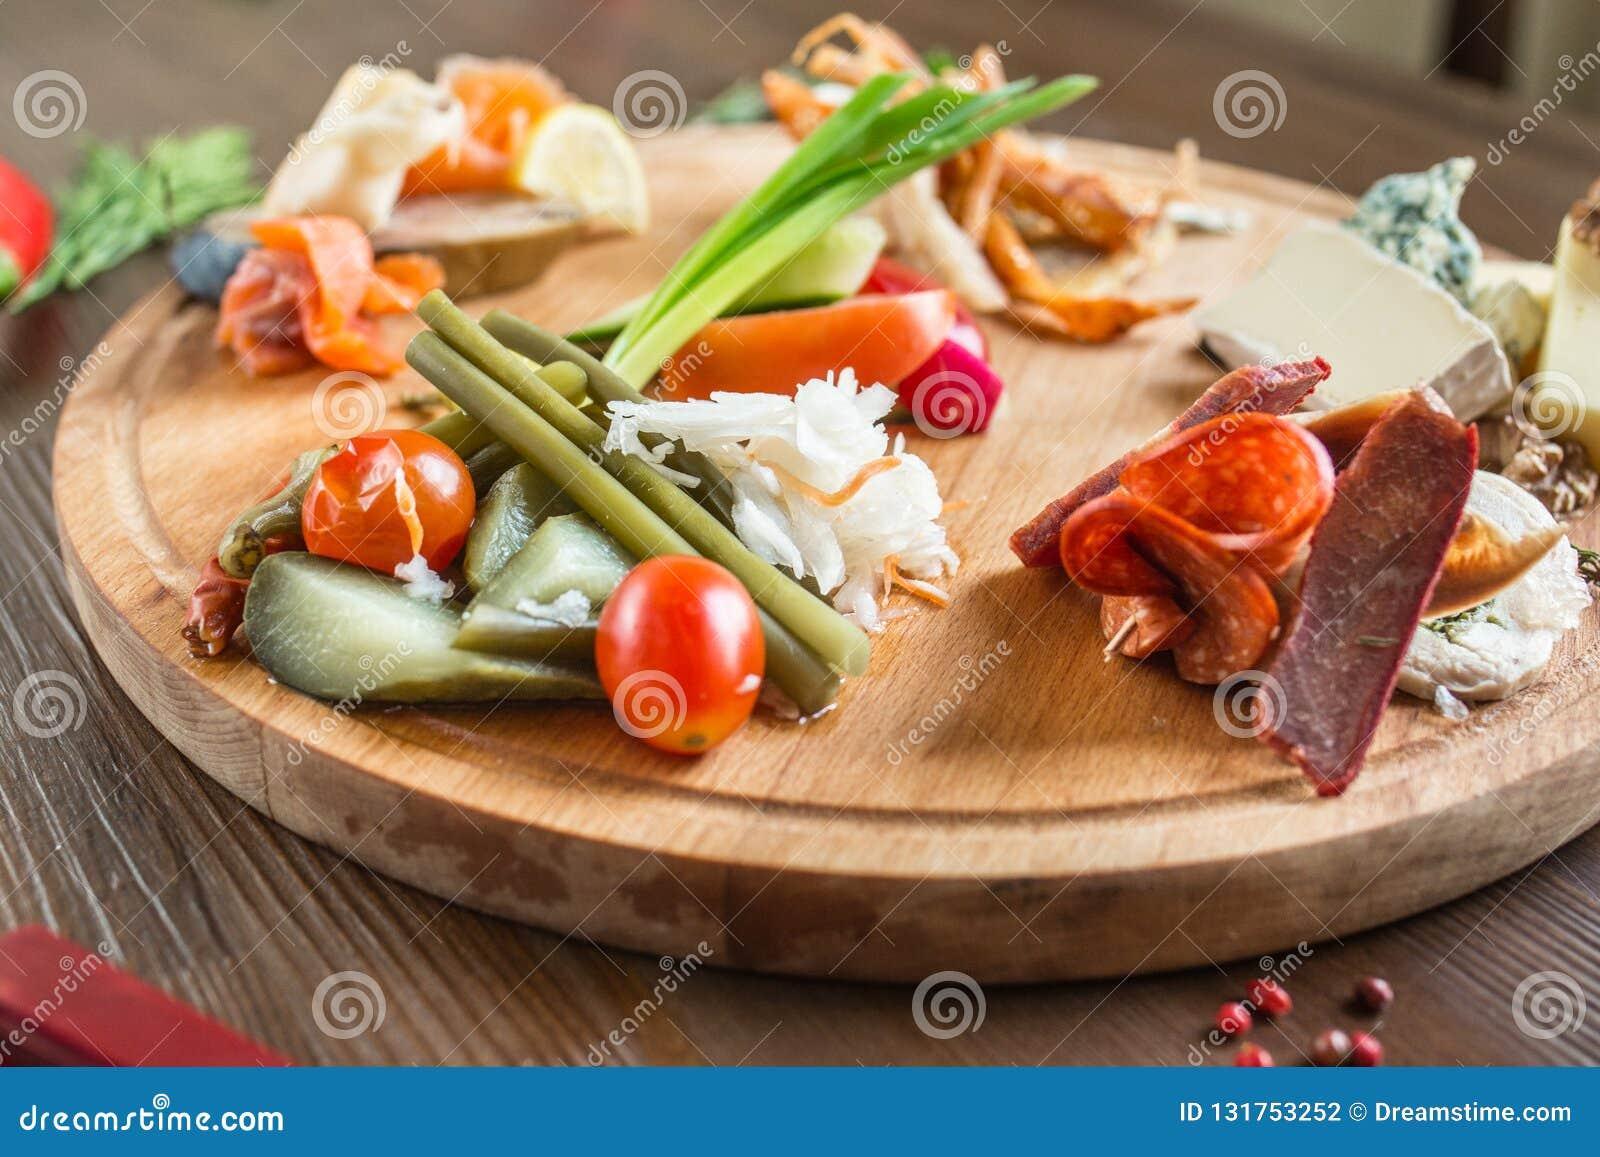 Fleischservierplatte auf einem hölzernen Teller